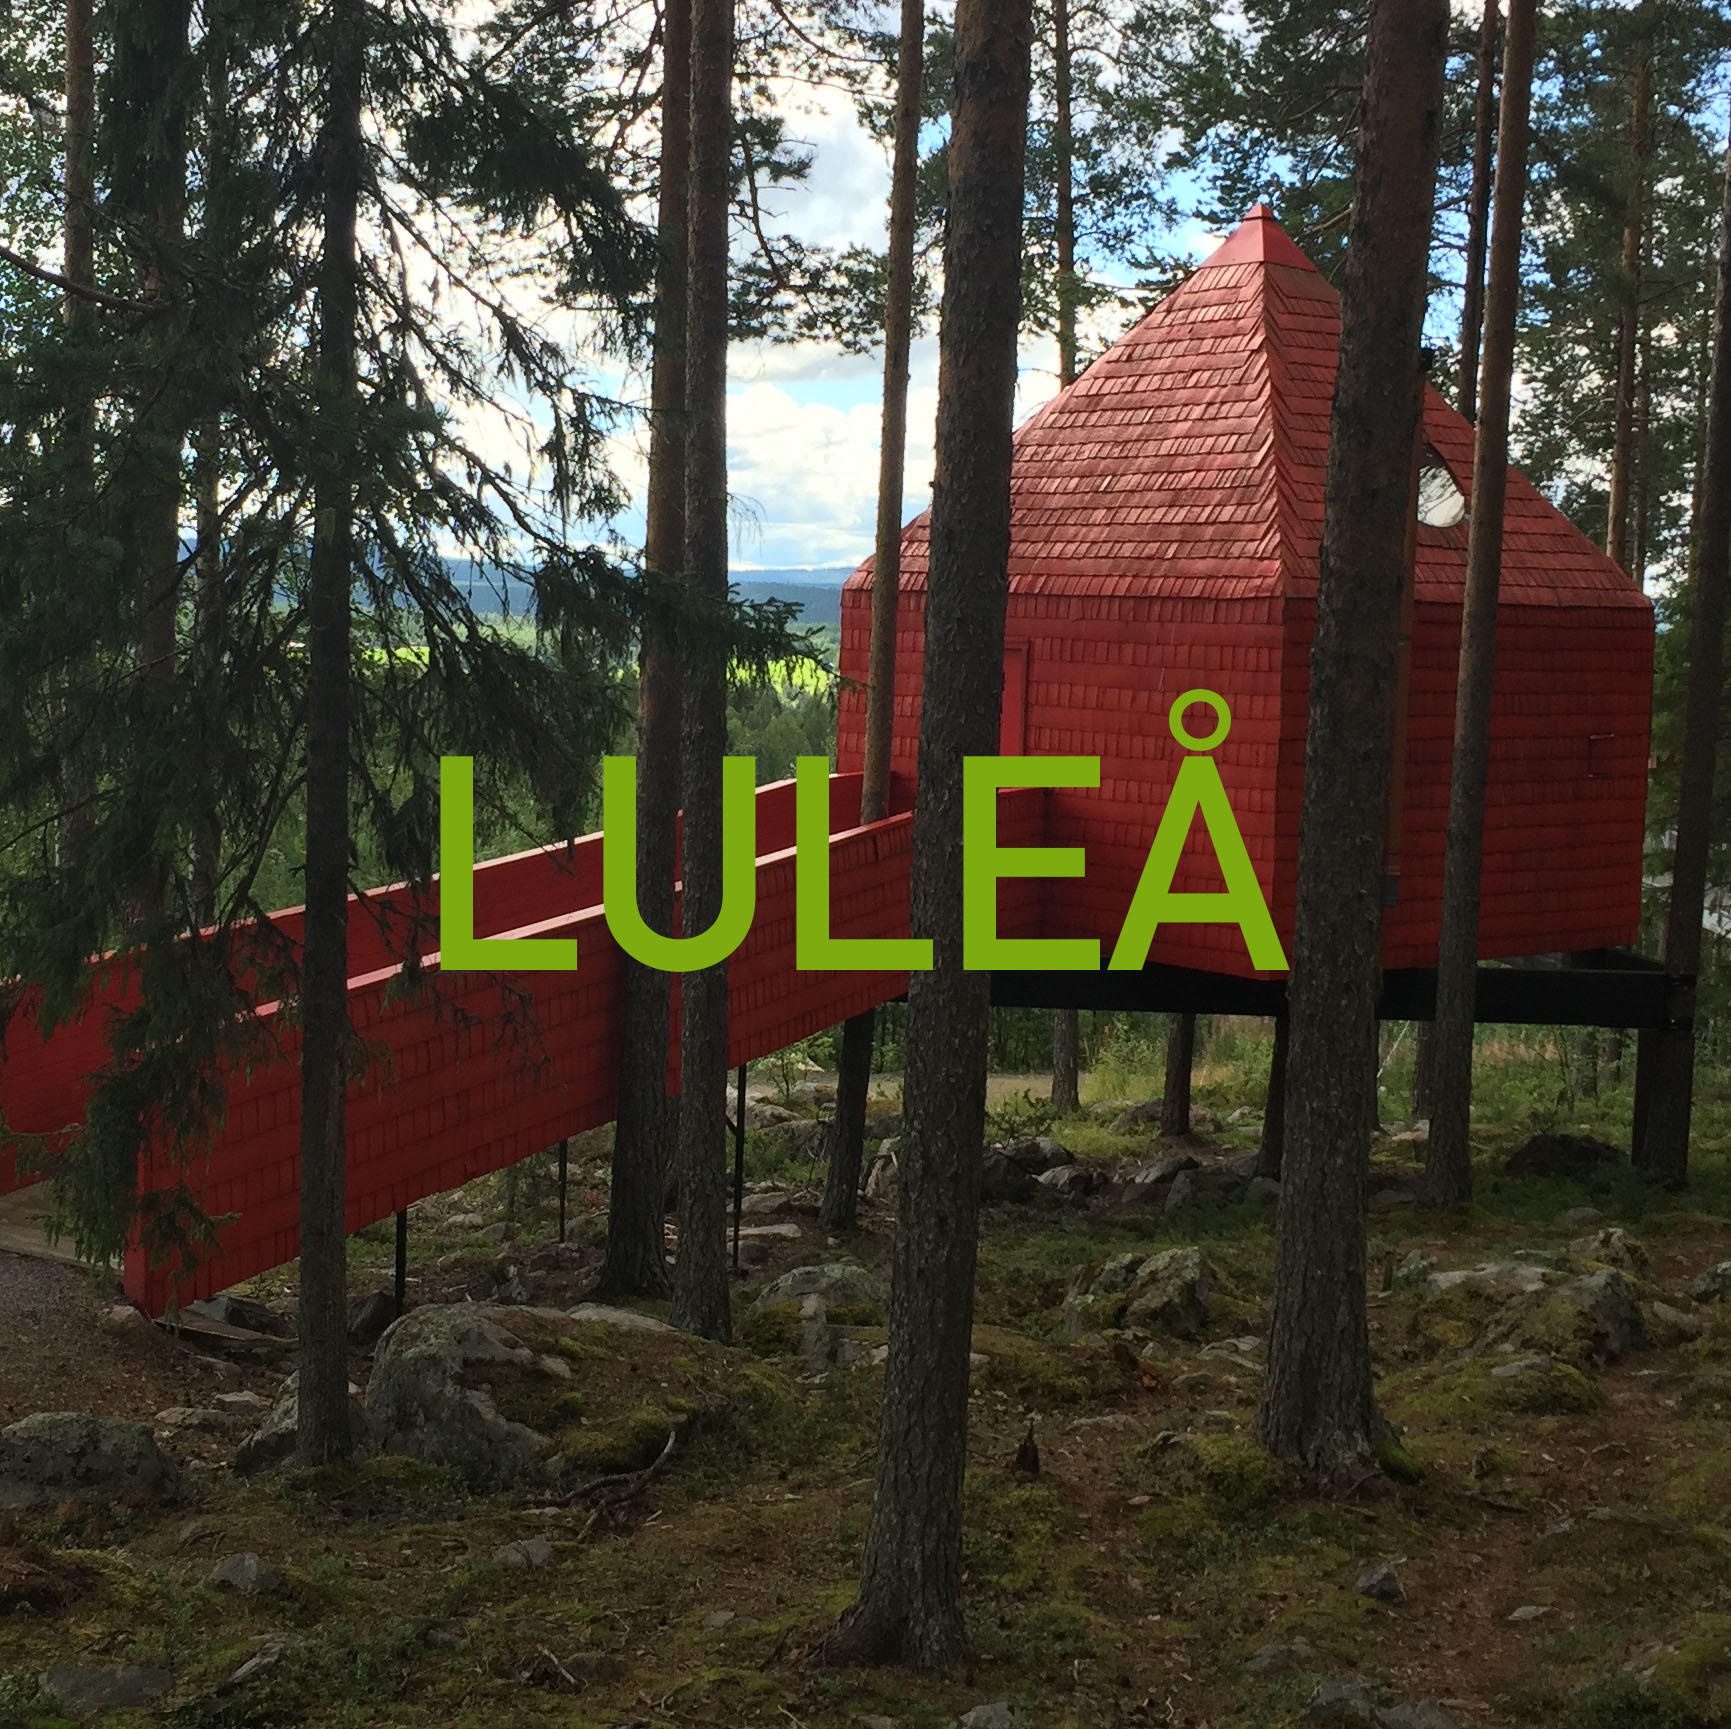 LuleaHeader.jpg